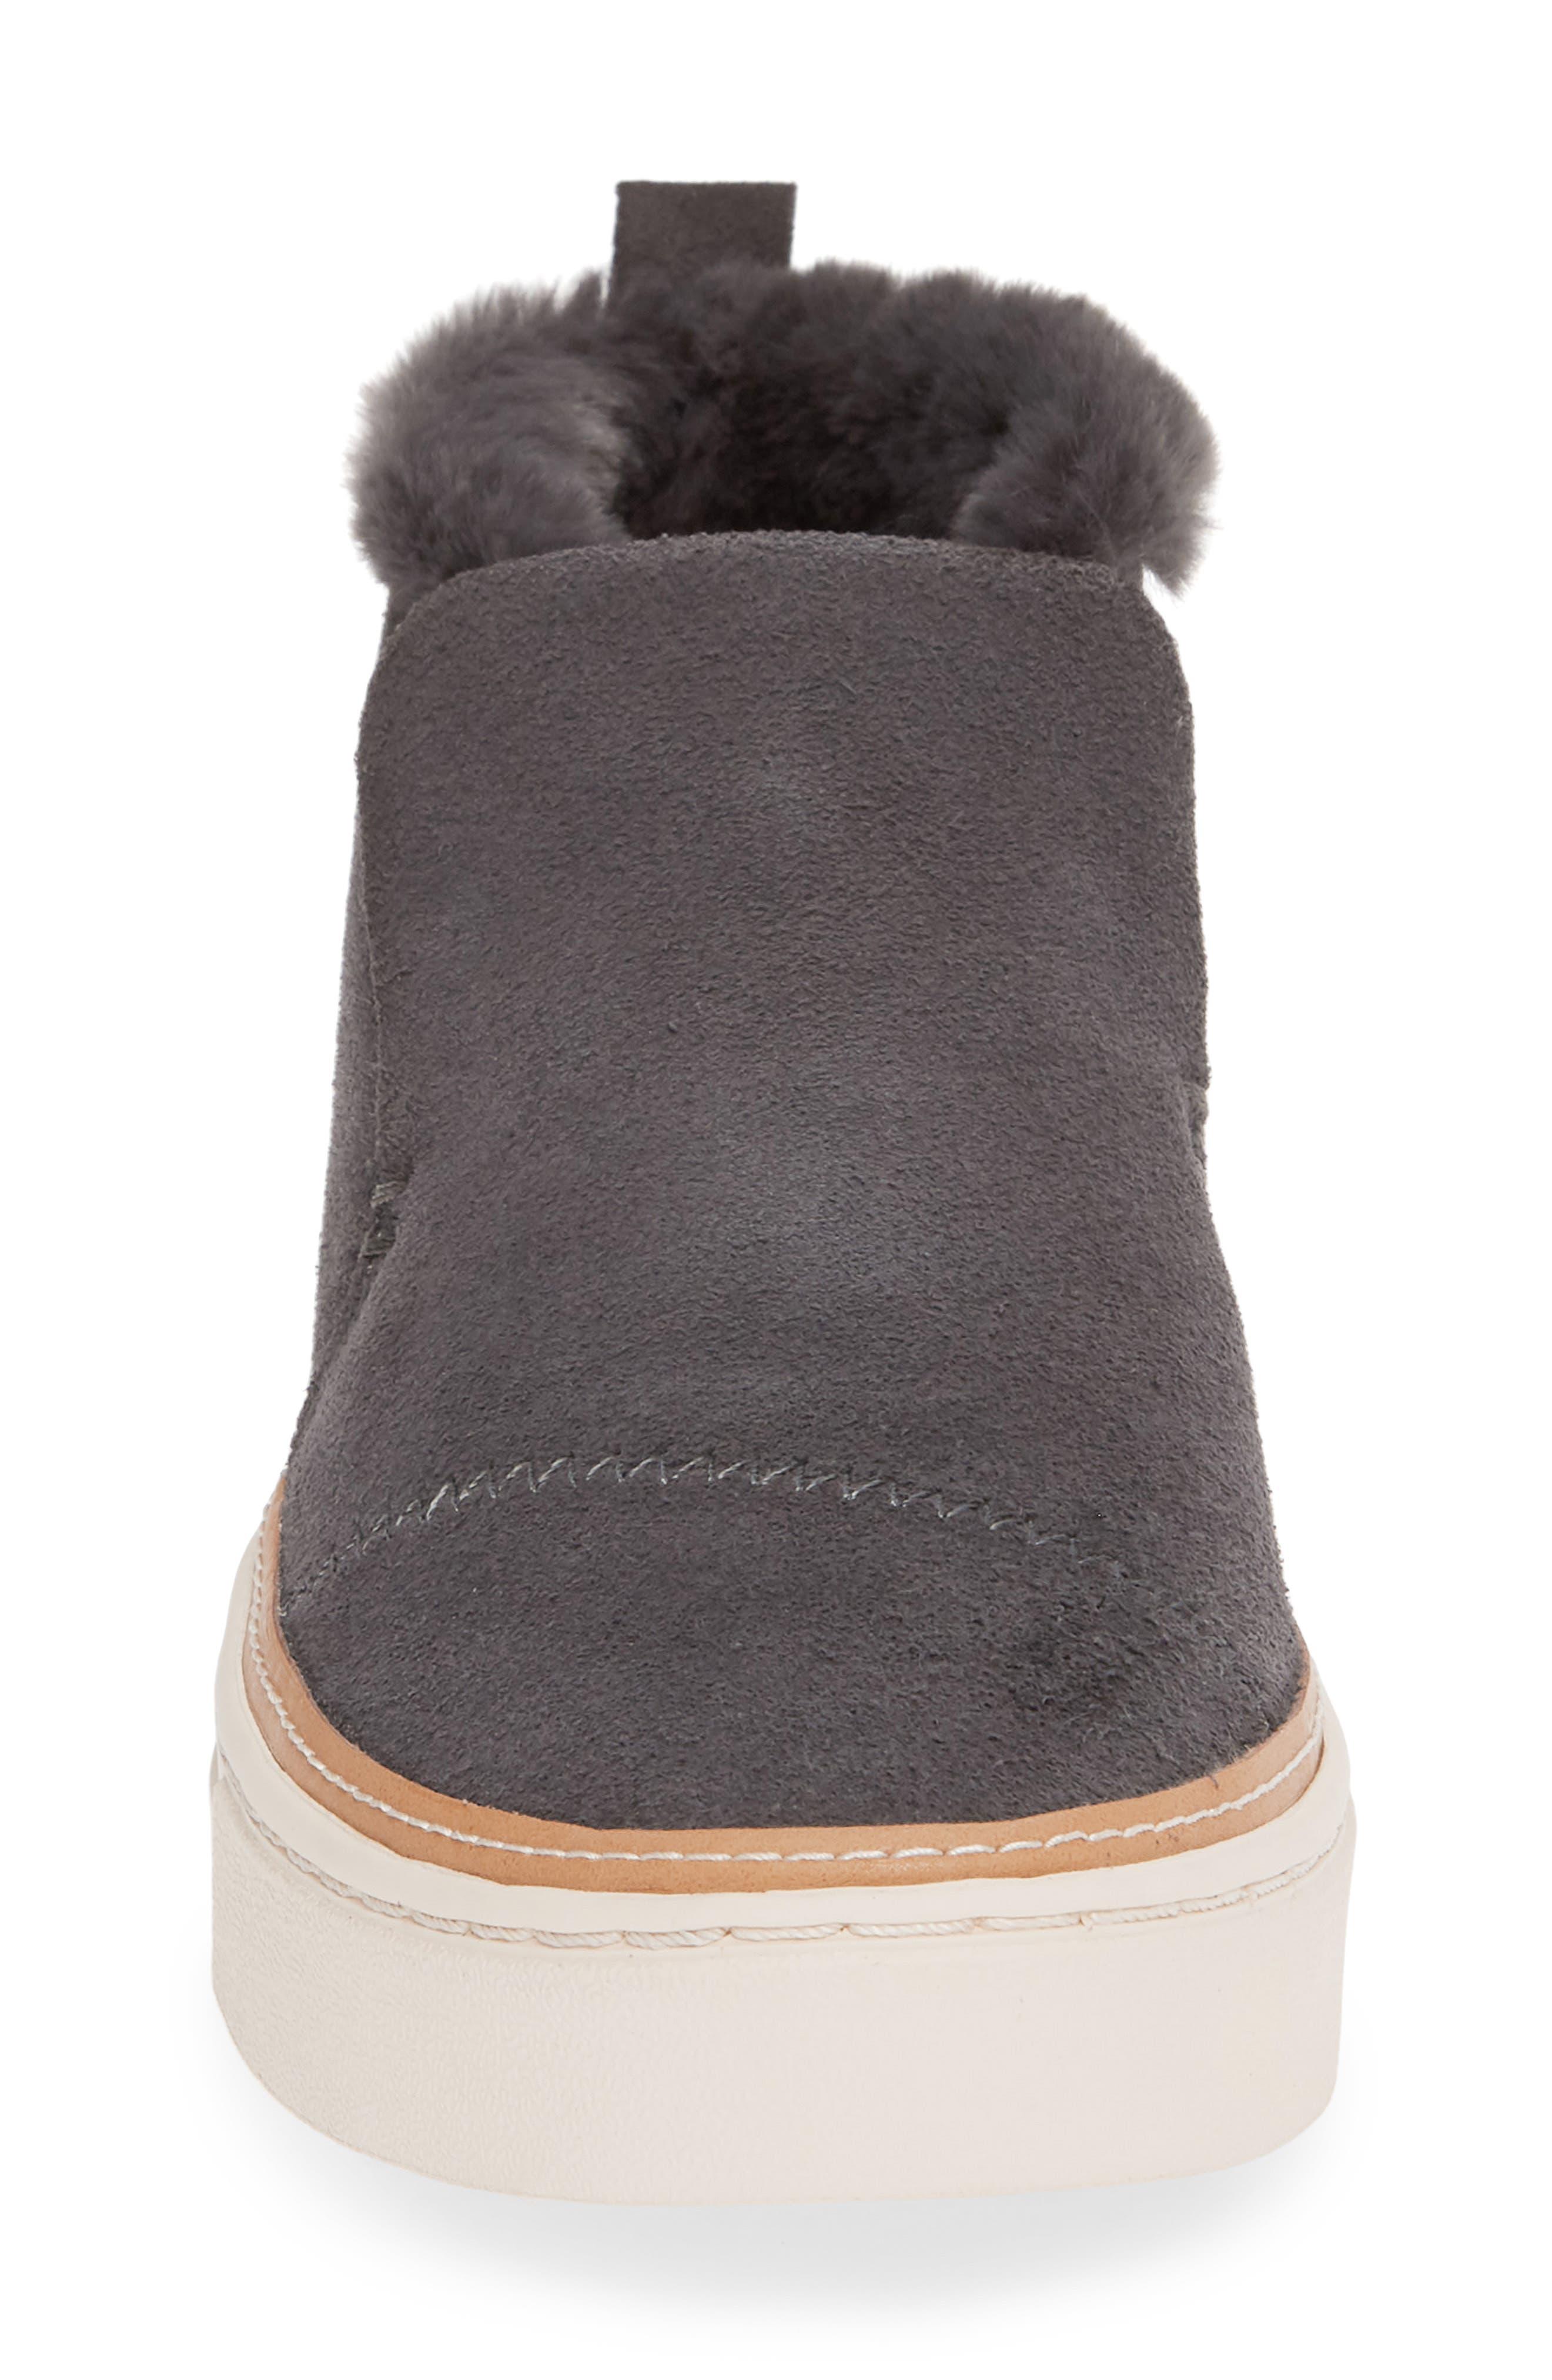 Paxton Slip-On Chukka Sneaker,                             Alternate thumbnail 4, color,                             020